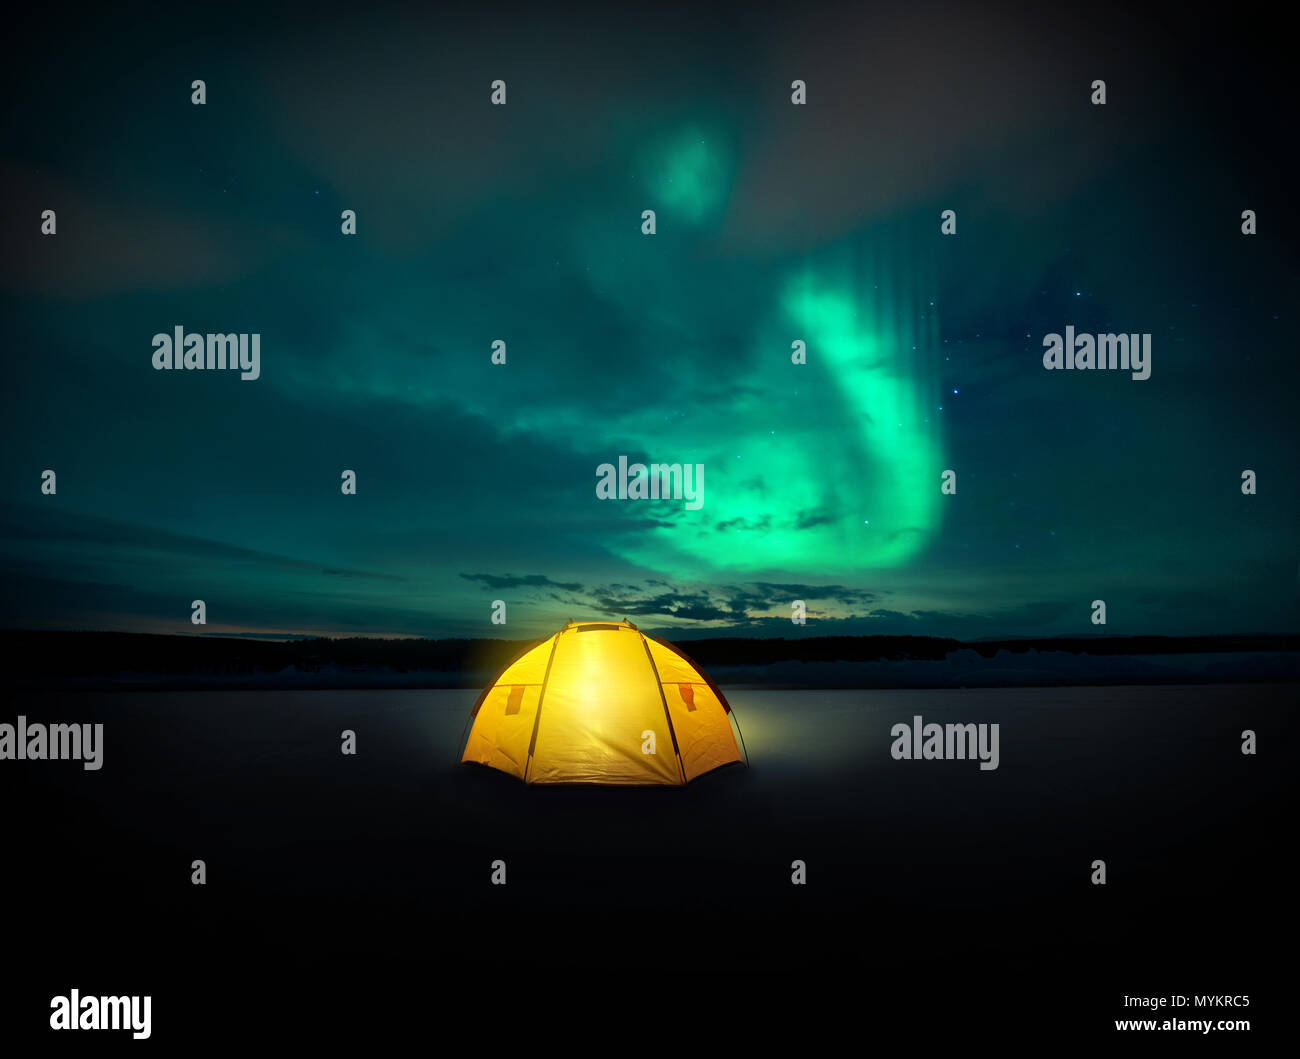 Fuori nel deserto il luci Norther ( Aurora Boreale) danze attraverso il cielo notturno in Svezia, al di sopra delle luci incandescenti dal campeggio tenda. Pho Immagini Stock